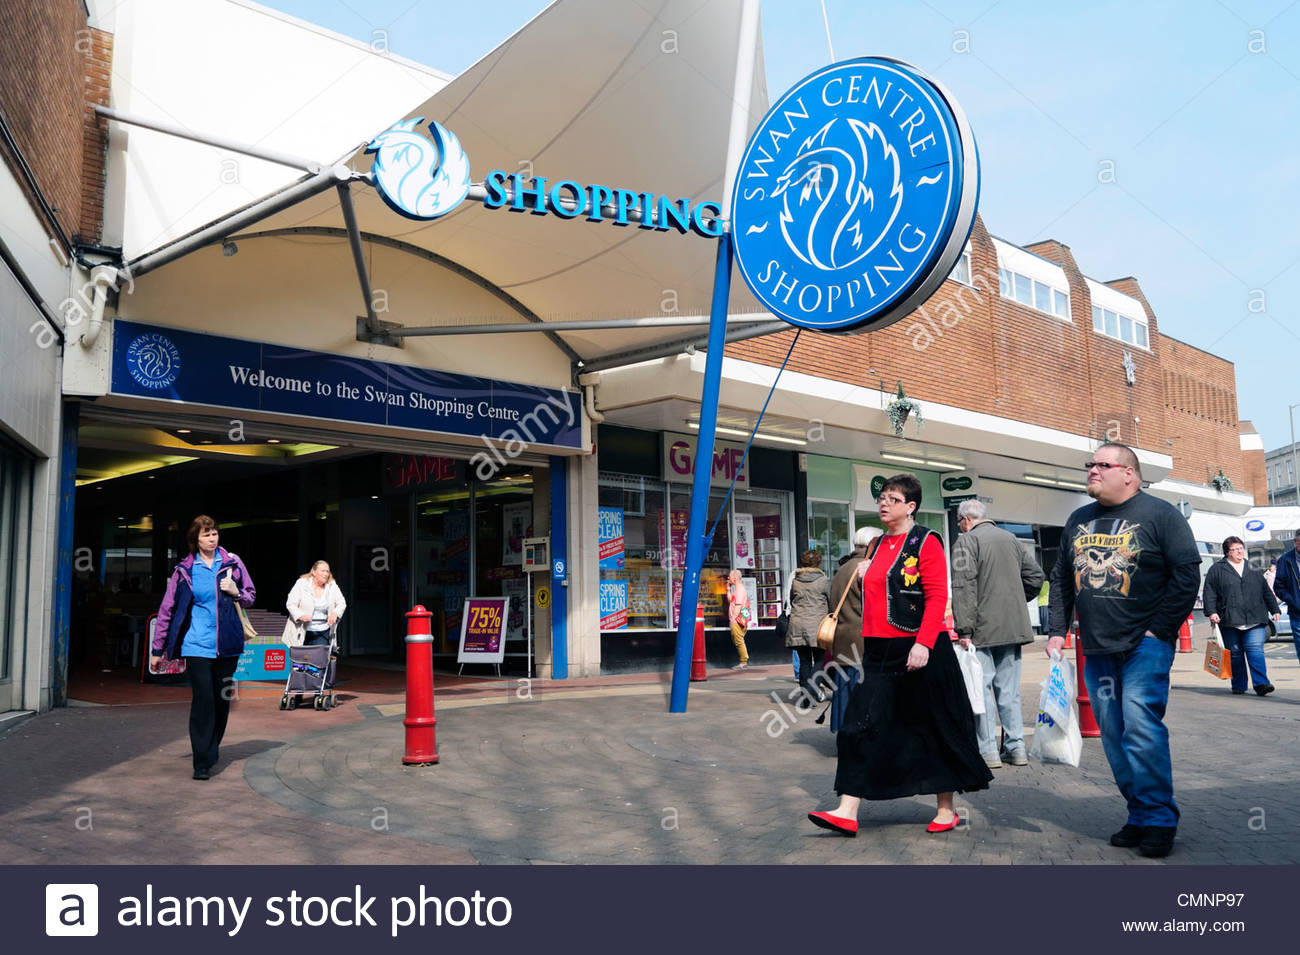 The Swan shopping centre in Kidderminster town center, UK. - Stock Image